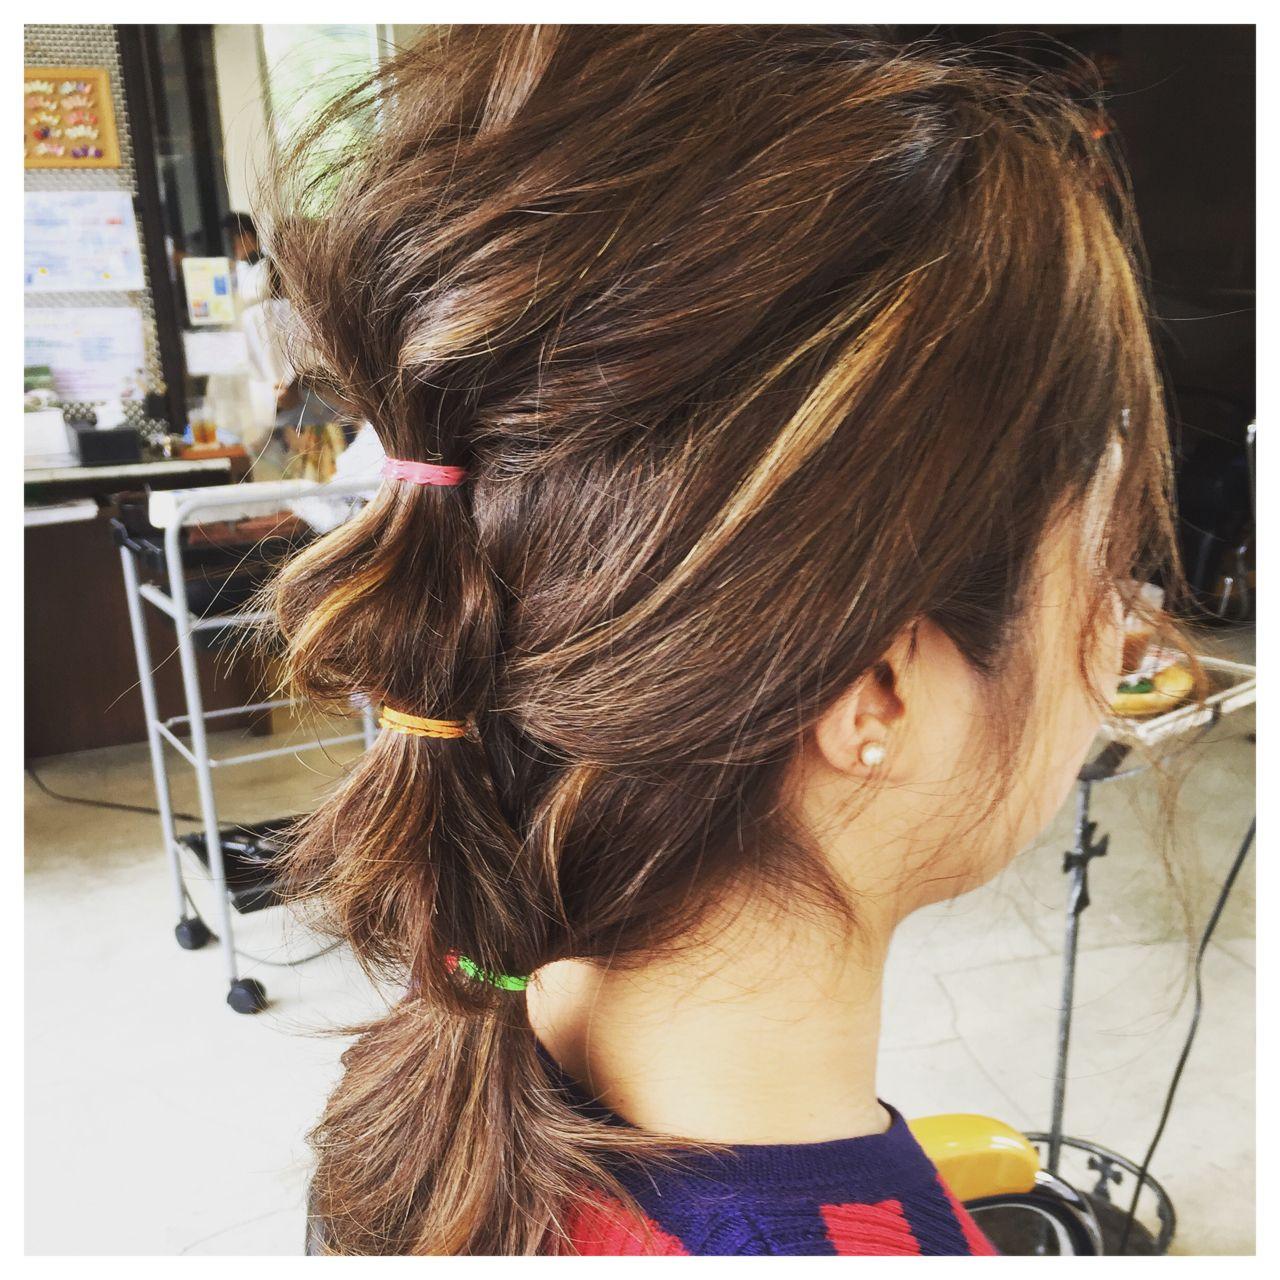 ミディアム 簡単ヘアアレンジ 時短 ゆるふわ ヘアスタイルや髪型の写真・画像